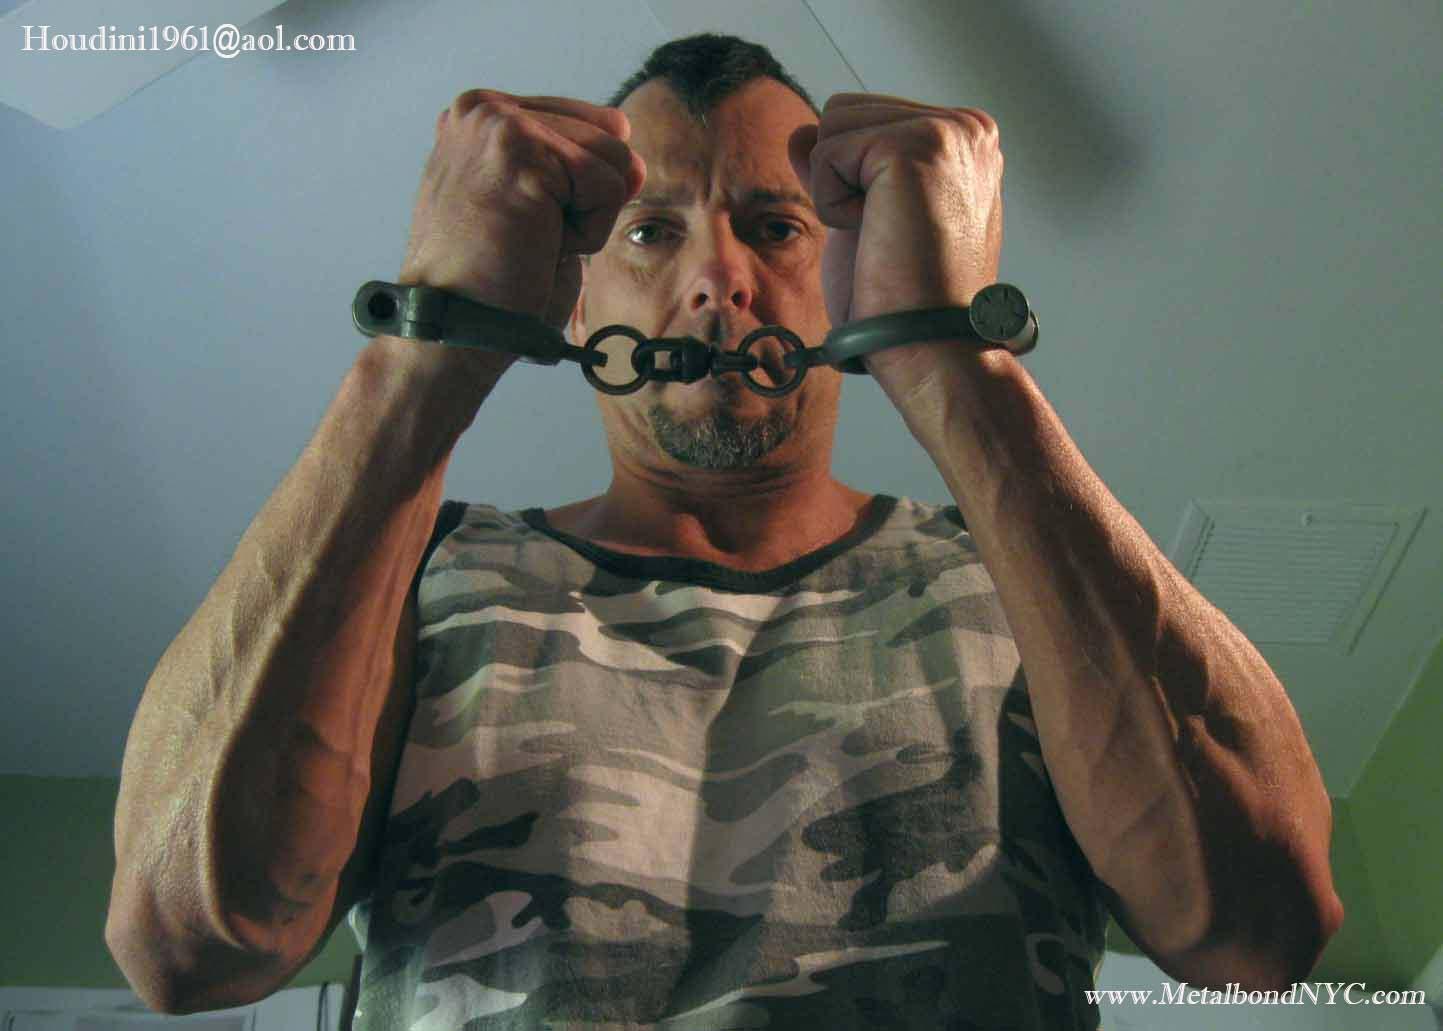 Hiatt Darbies handcuffs